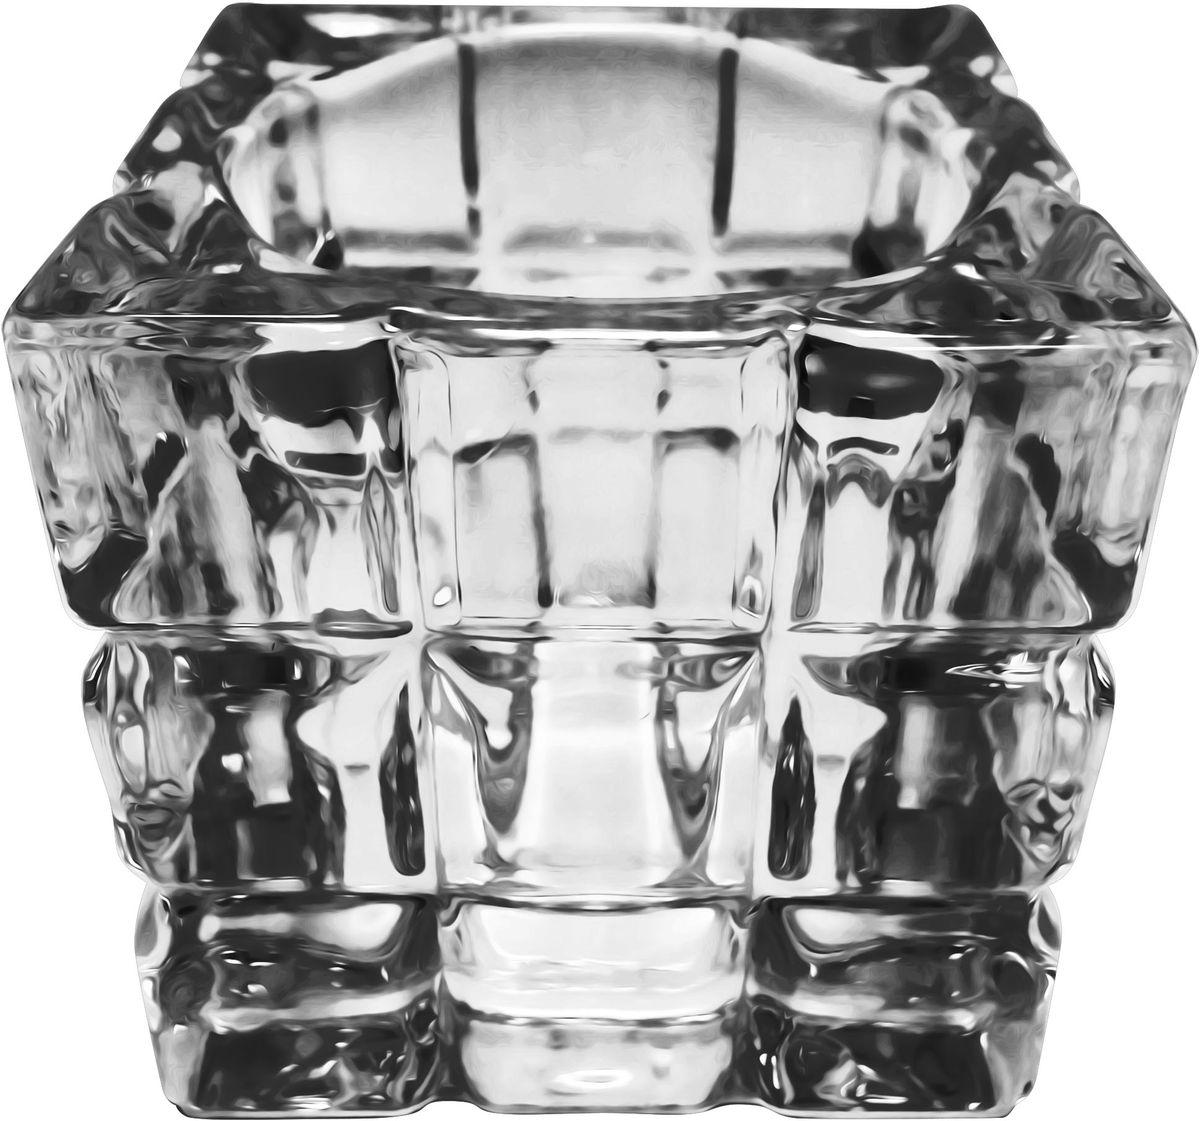 Подсвечник для чайной свечи Bolsius, 6,5 х 6,5 см103626949303Подсвечник Bolsius, выполненный из стекла, станет отличным украшением интерьера. Мерцание свечи в таком подсвечнике создаст атмосферу романтики и уюта. Благодаря изысканному дизайну, изделие сможет стать отличным подарком для ваших друзей и близких.